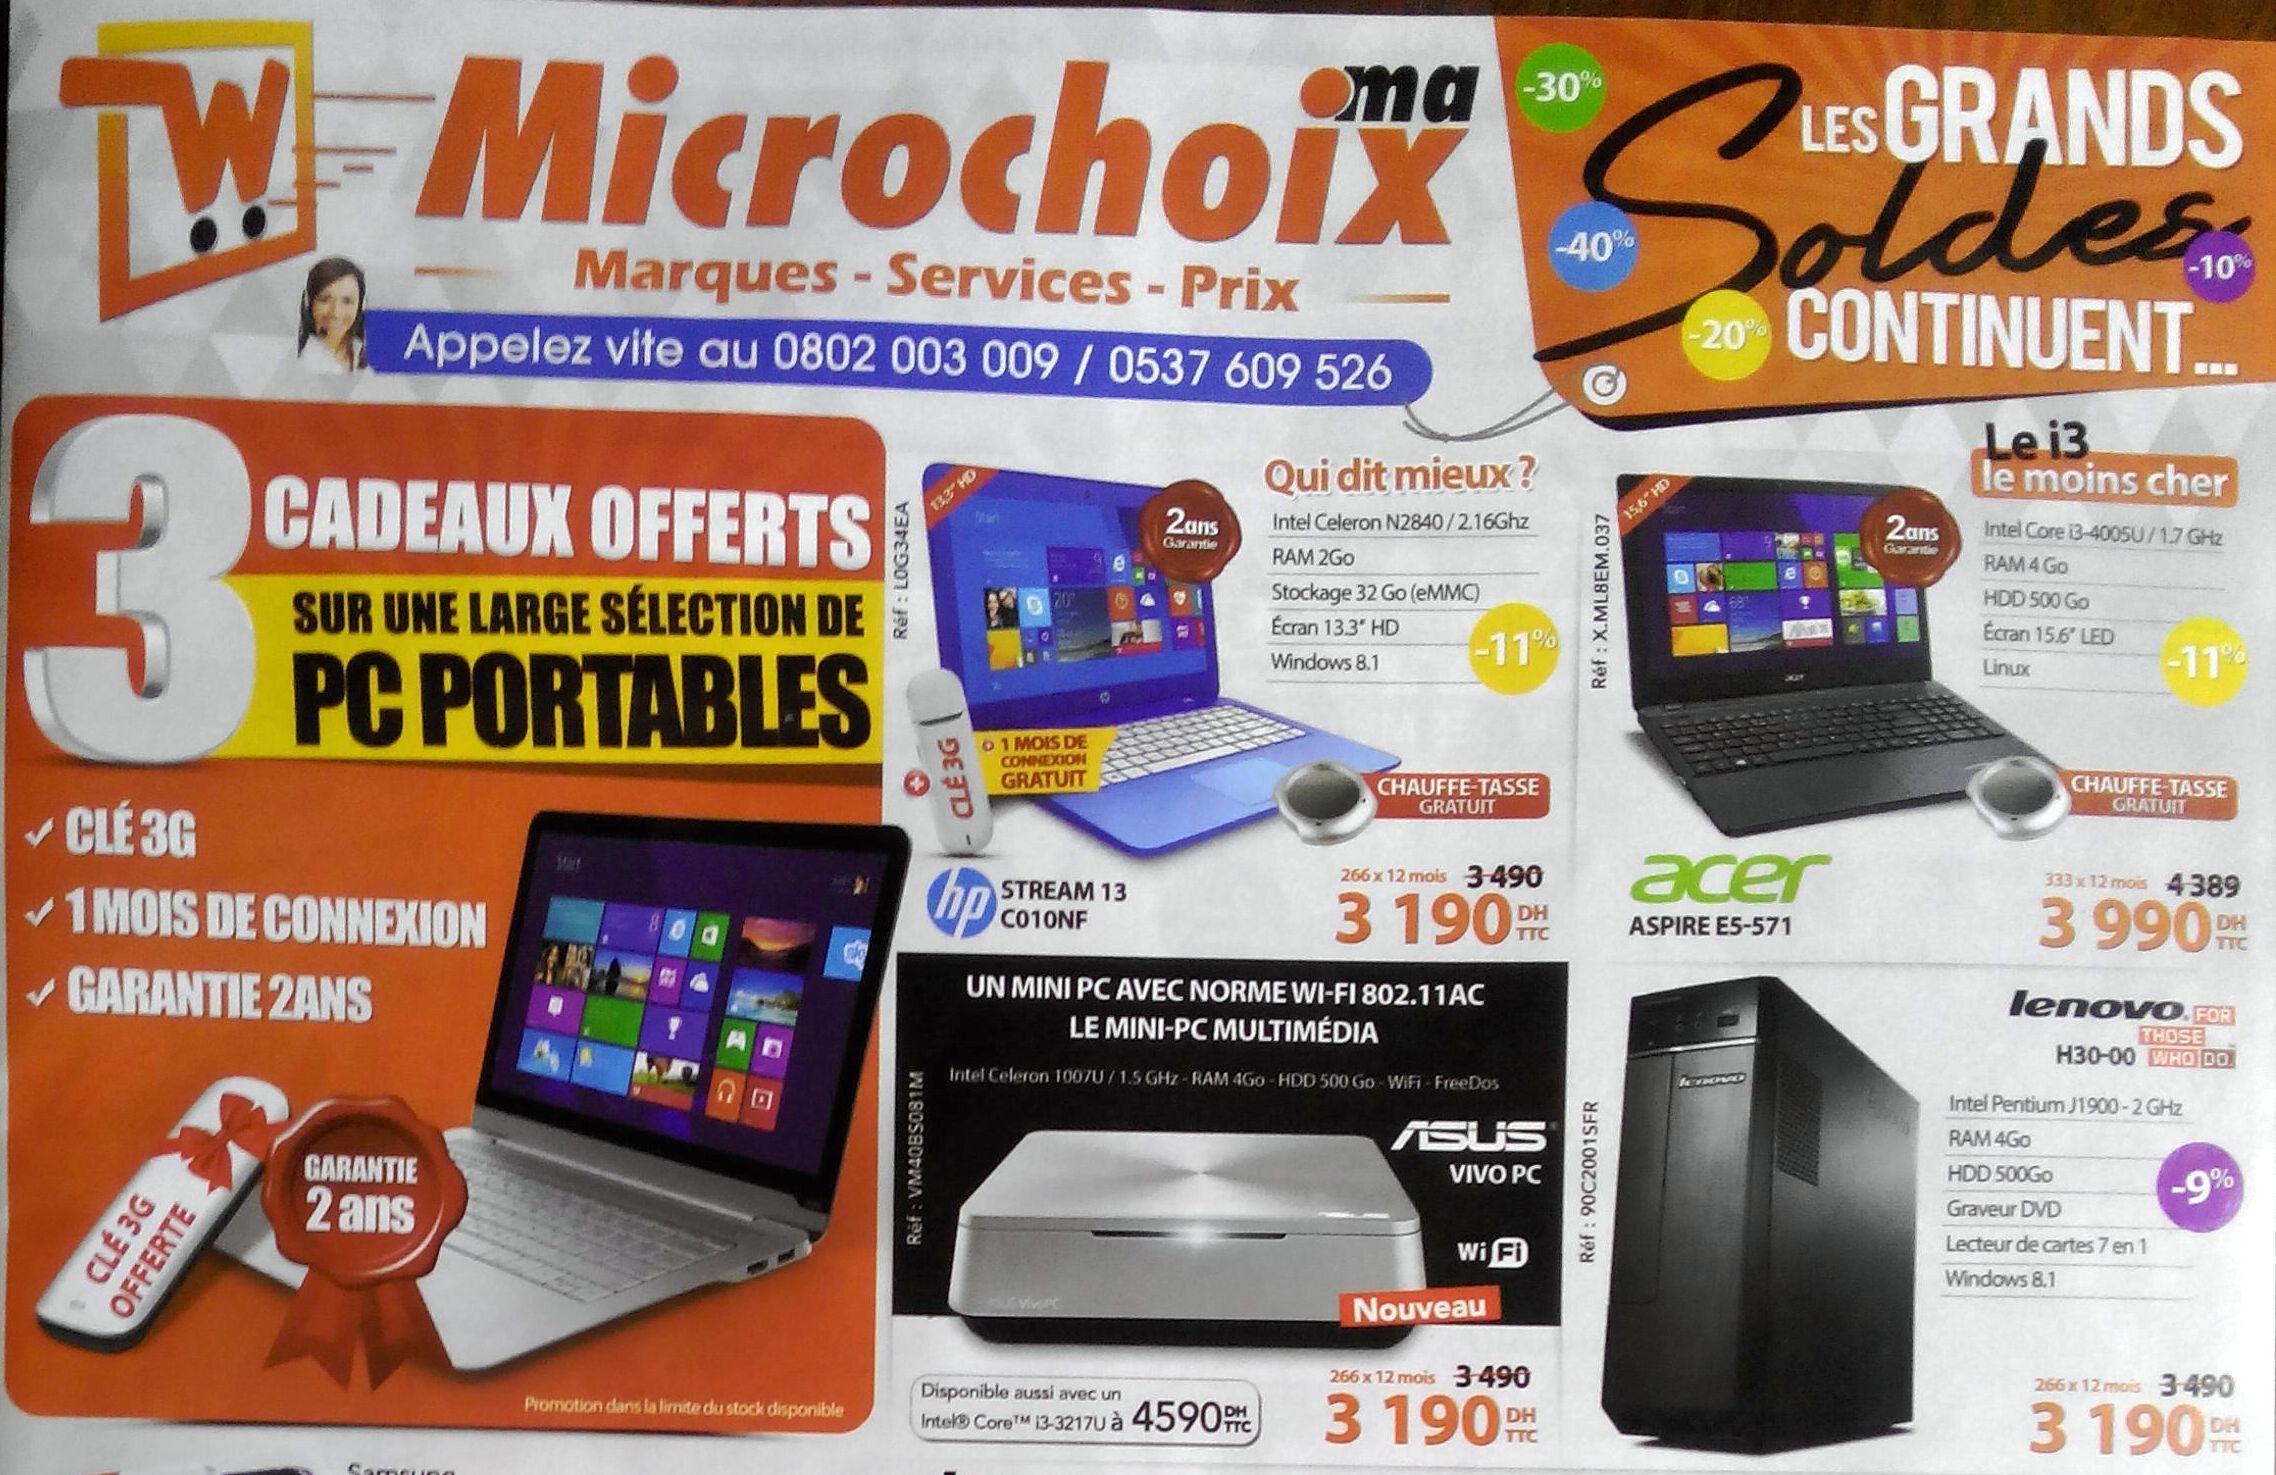 Microchoix-MAROC-Catalogue-2015